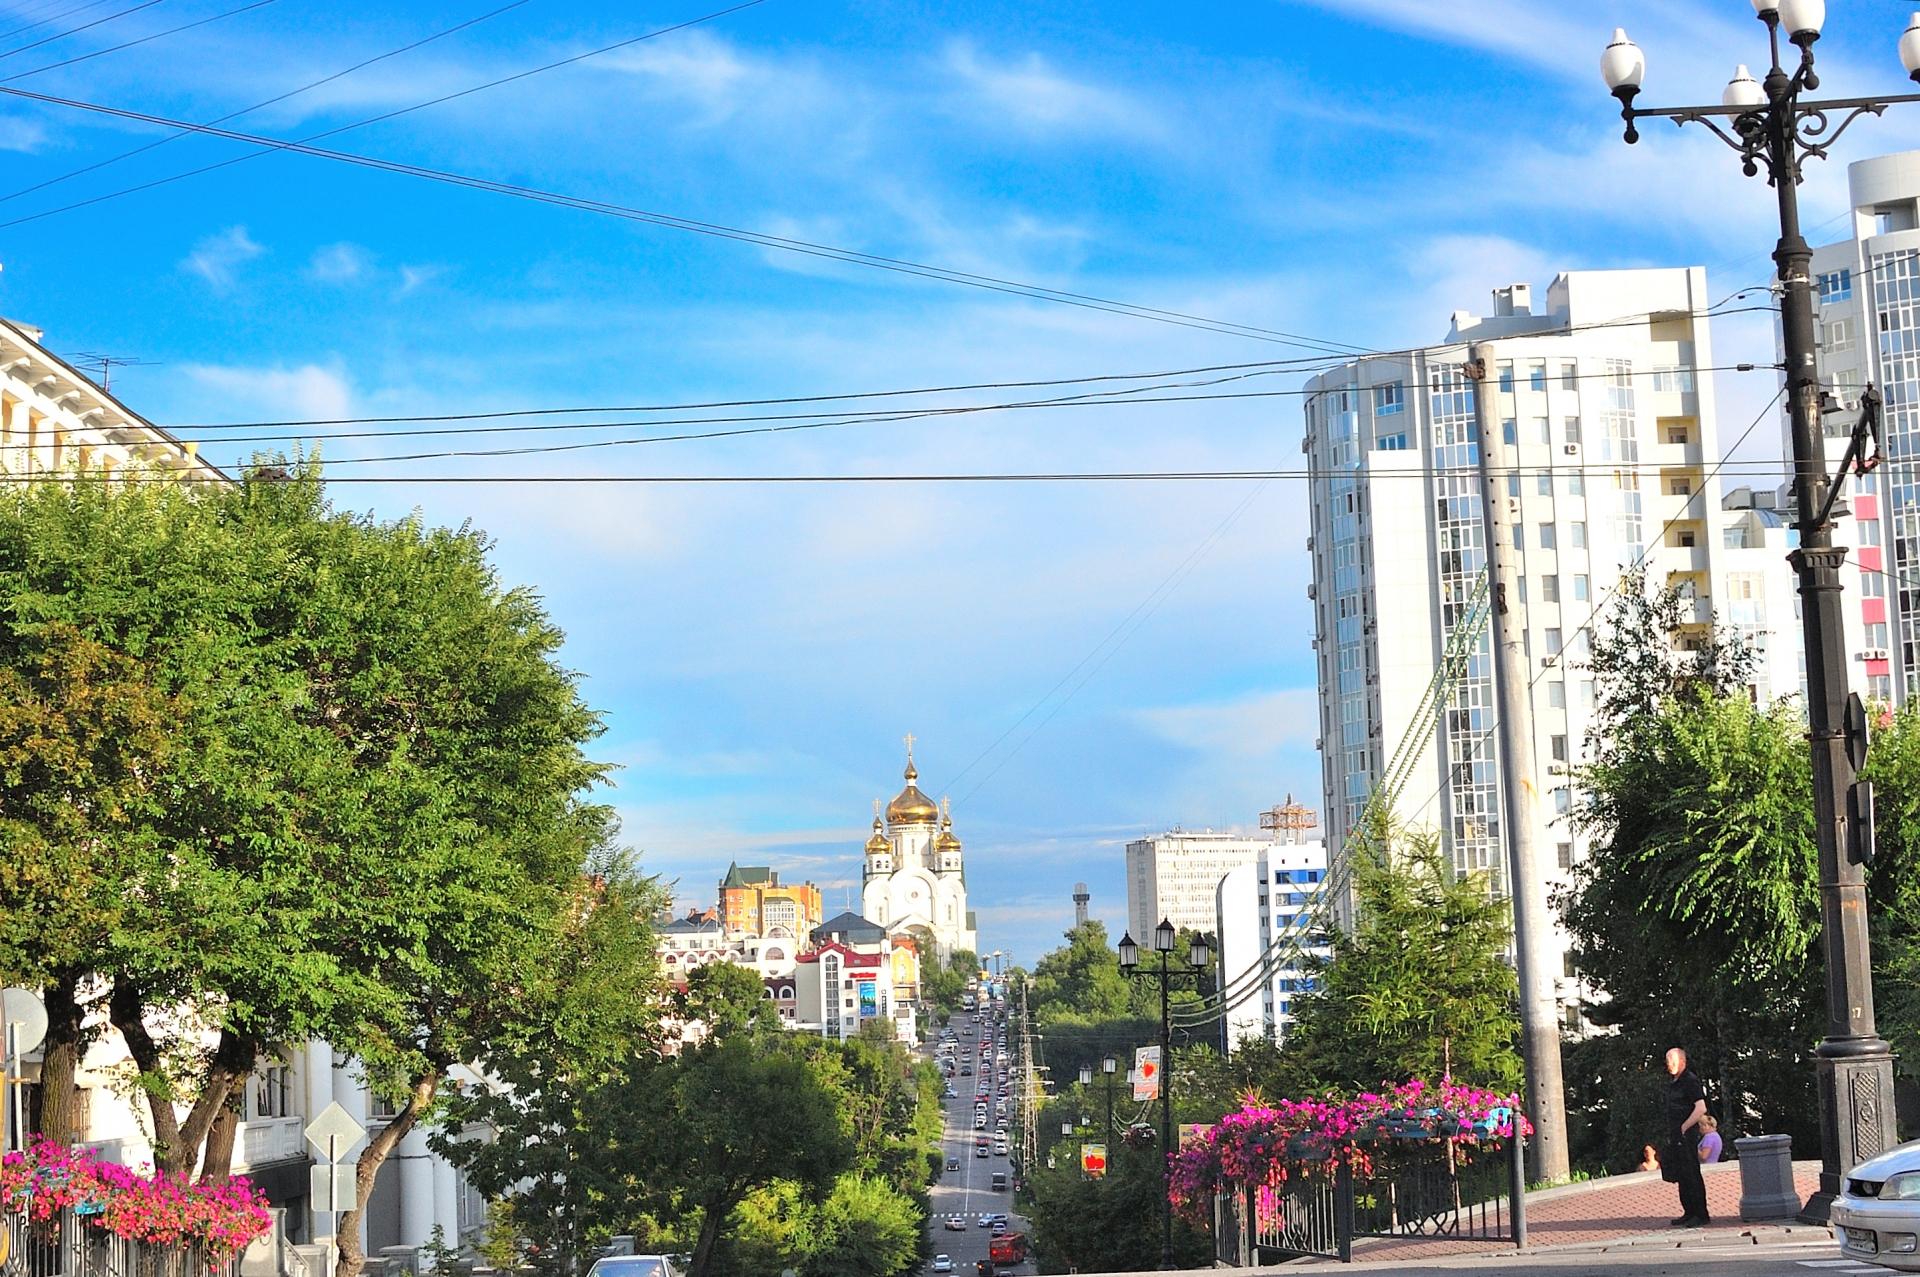 ハバロフスク観光旅行のポイント!アクセスや治安は?身近なヨーロッパ?